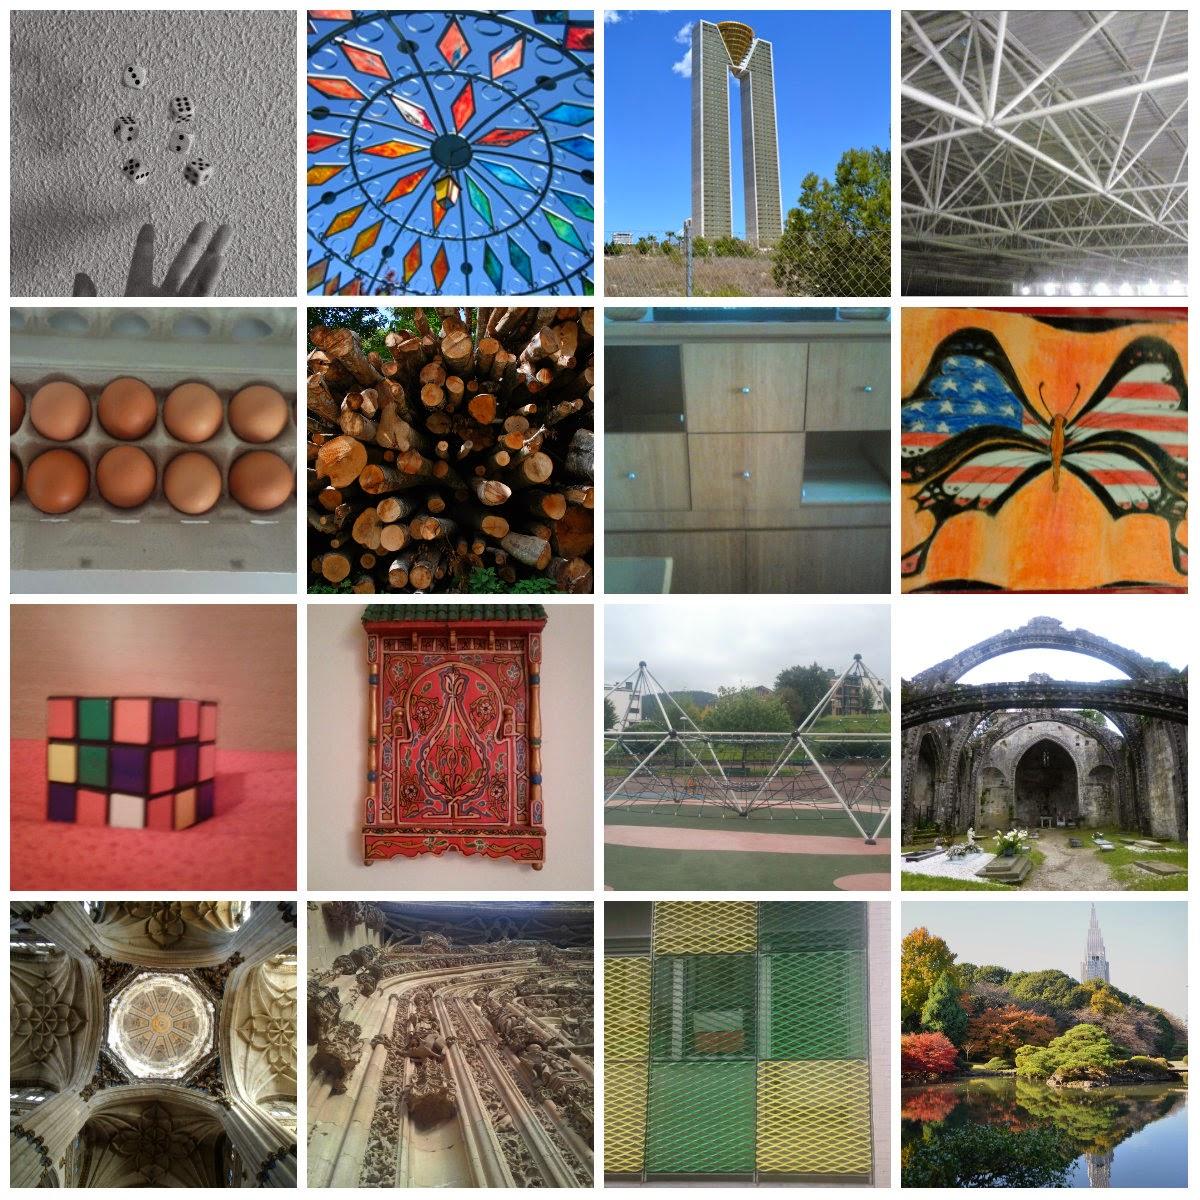 http://matematikarenkoloreak.blogspot.com.es/p/dbh-batx-2014lehiaketaren-argazkiak.html